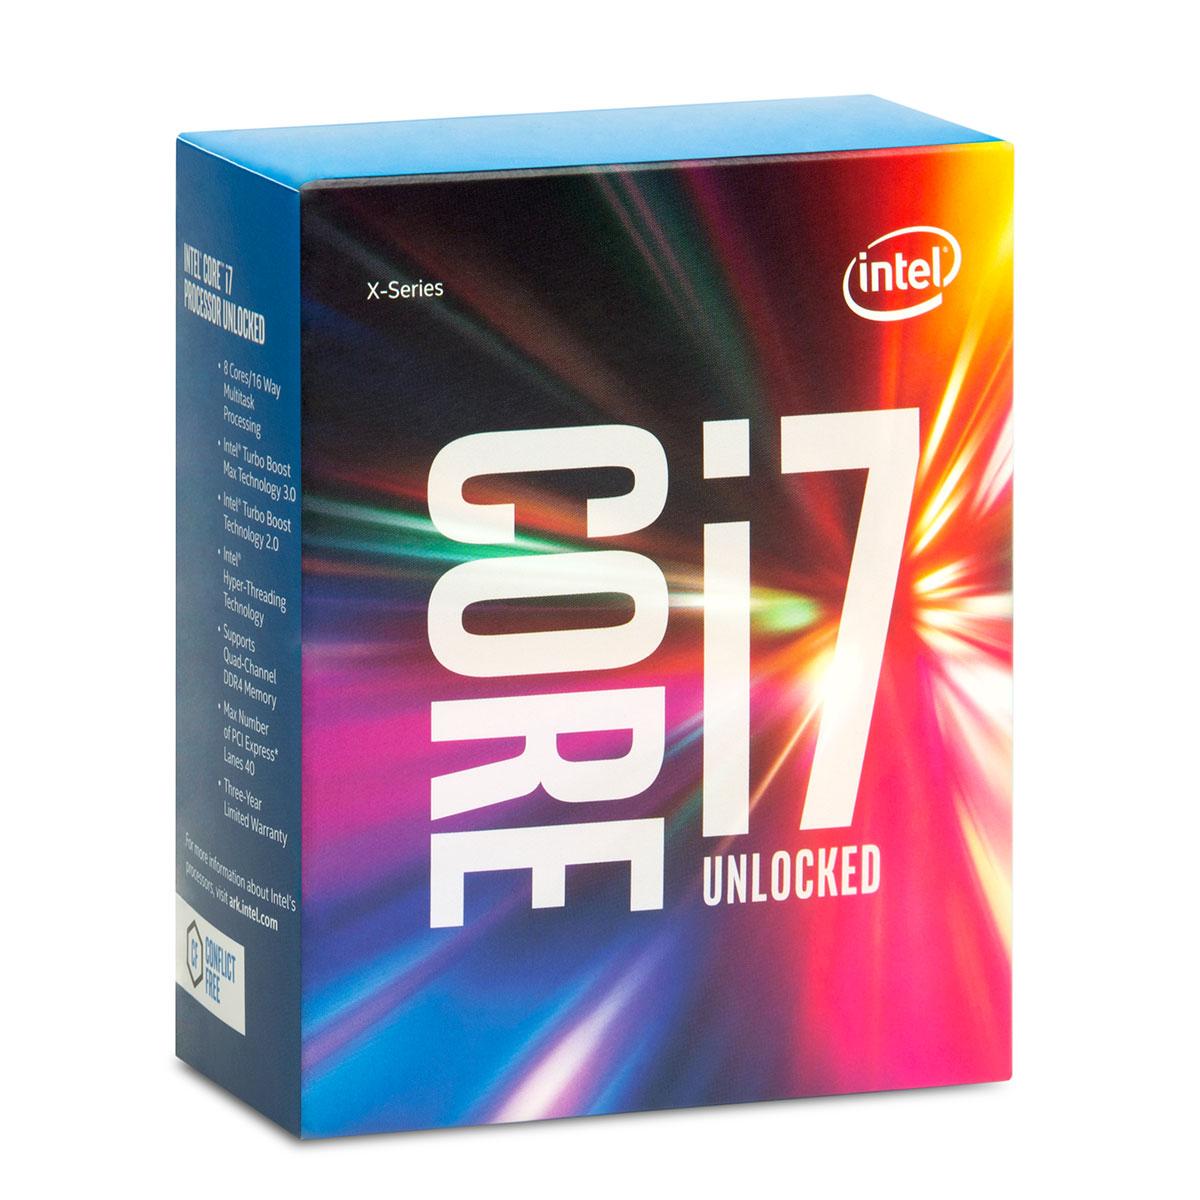 Processeur Intel Core i7-6800K (3.4 GHz) Processeur 6-Core Socket 2011-3 Cache L3 15 Mo 0.014 micron TDP 140W (version boîte sans ventilateur - garantie Intel 3 ans)